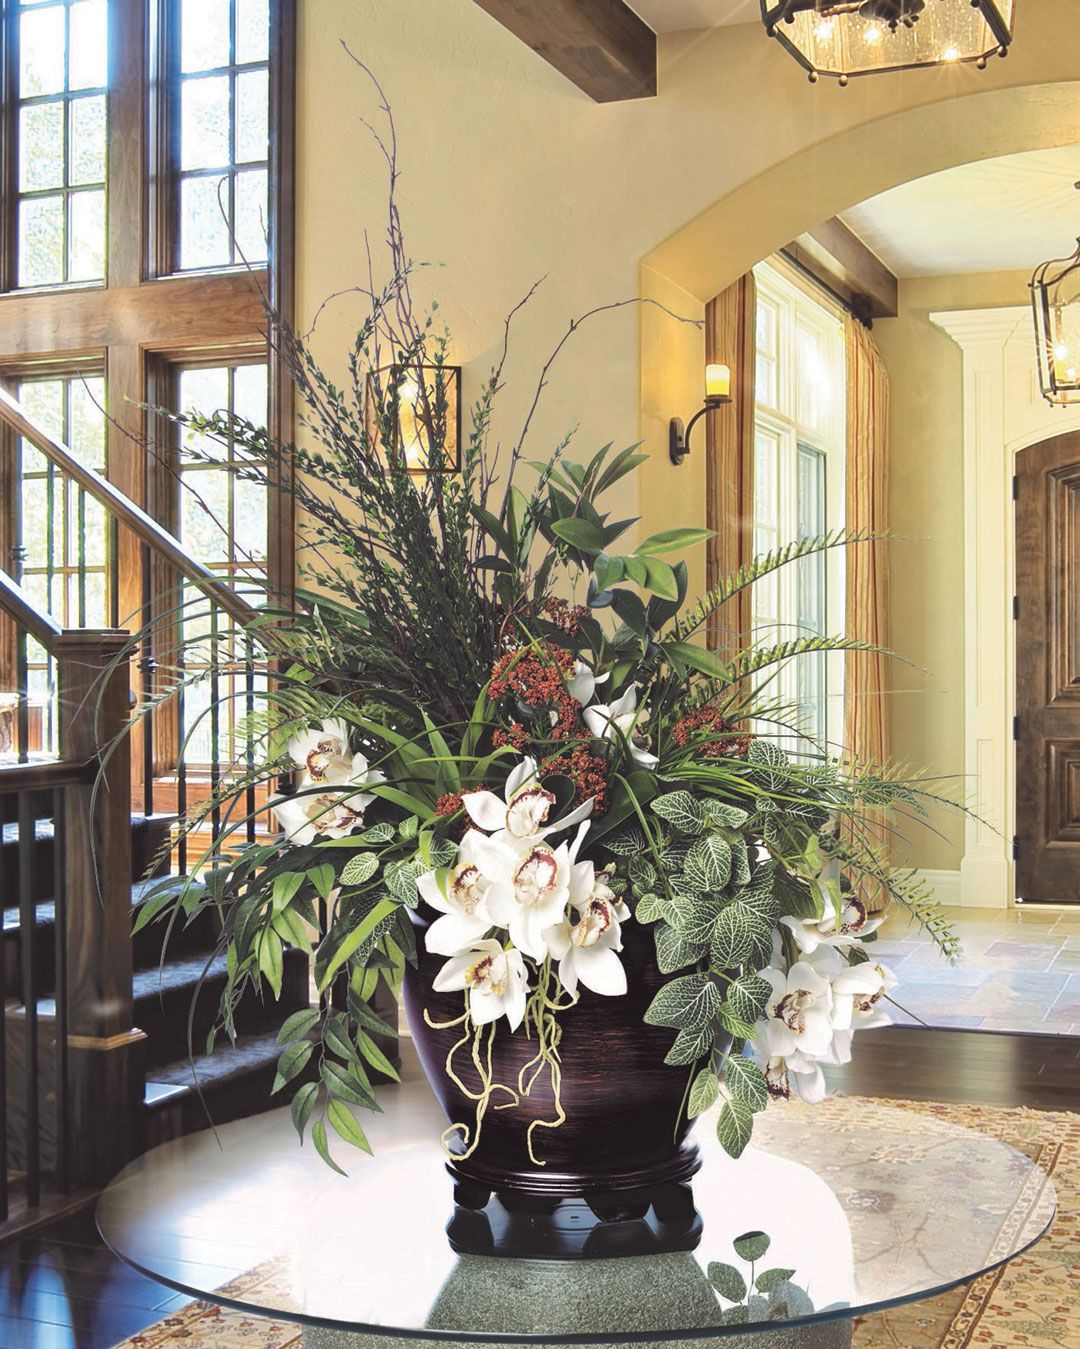 Atrium orchid planterartificial floral arrangement large